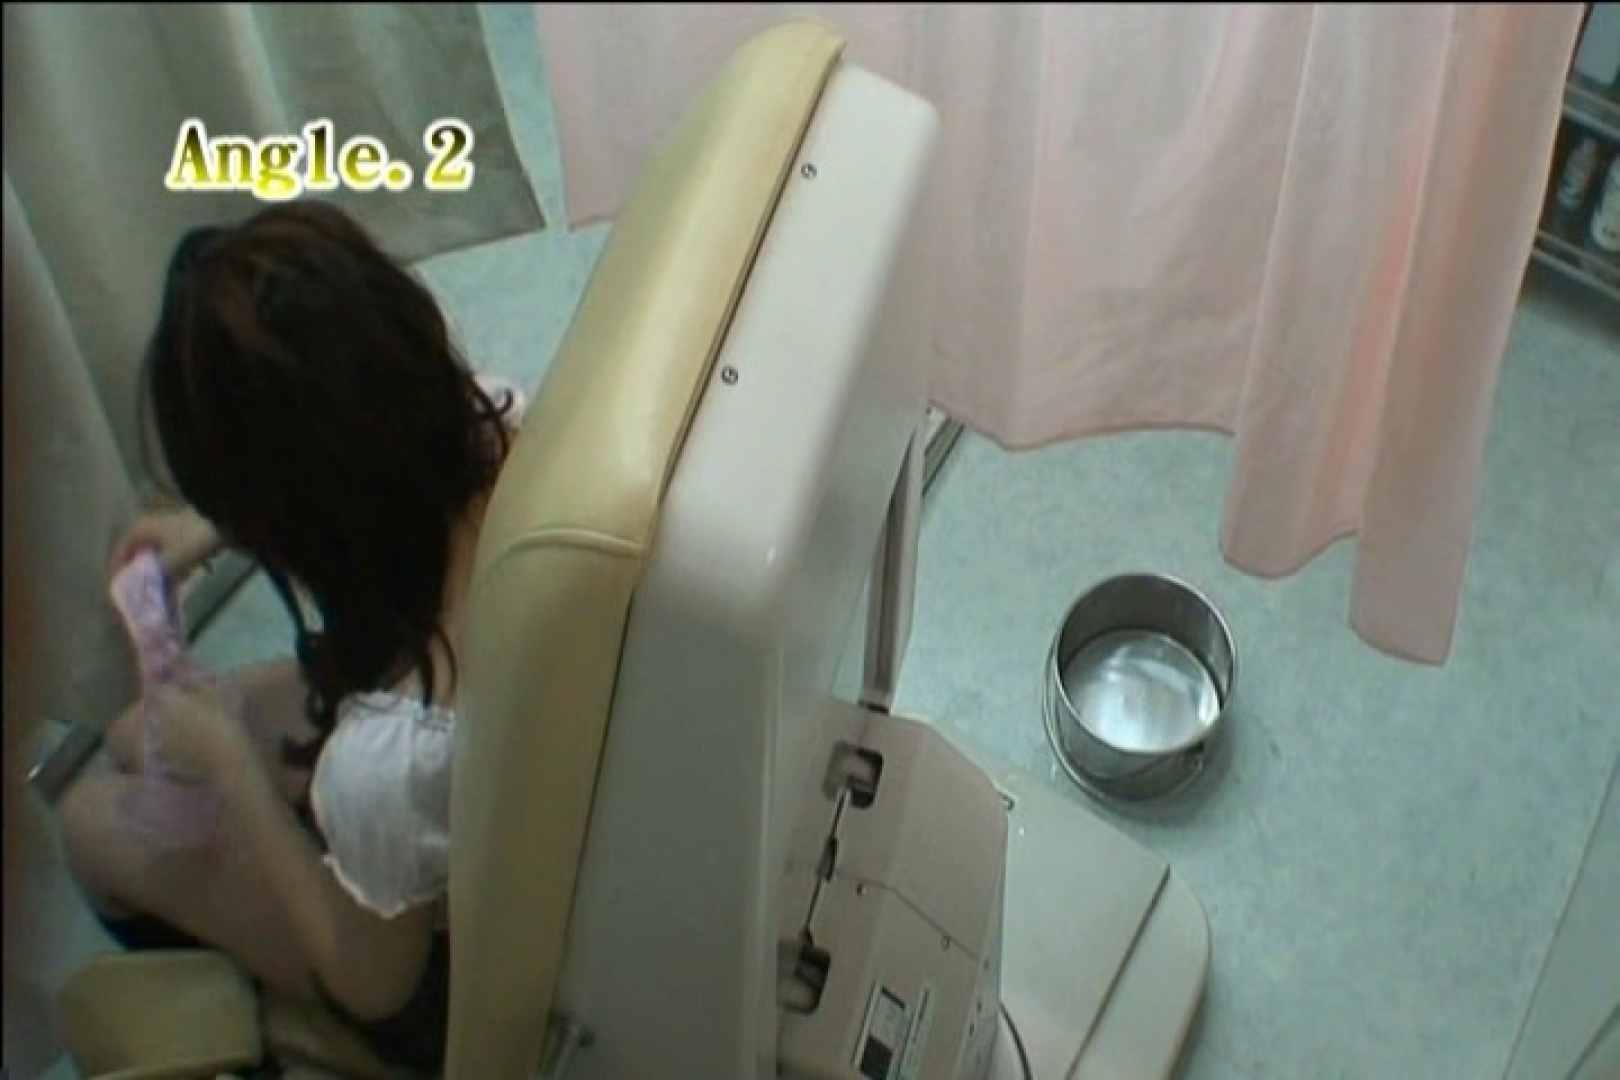 患者のおまんこをコレクションする変態医師の流出映像Vol.2 卑猥 | OLすけべ画像  41連発 25